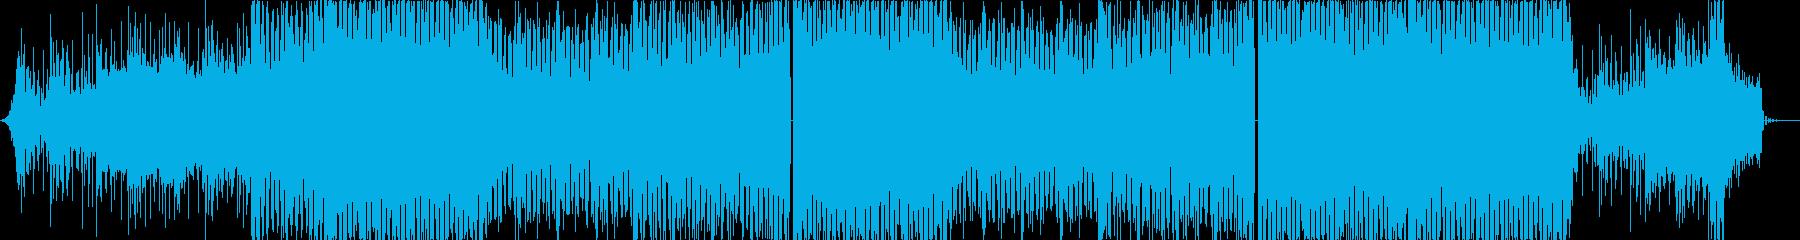 緊迫、緊張、暗く疾走感のある戦闘バトルcの再生済みの波形